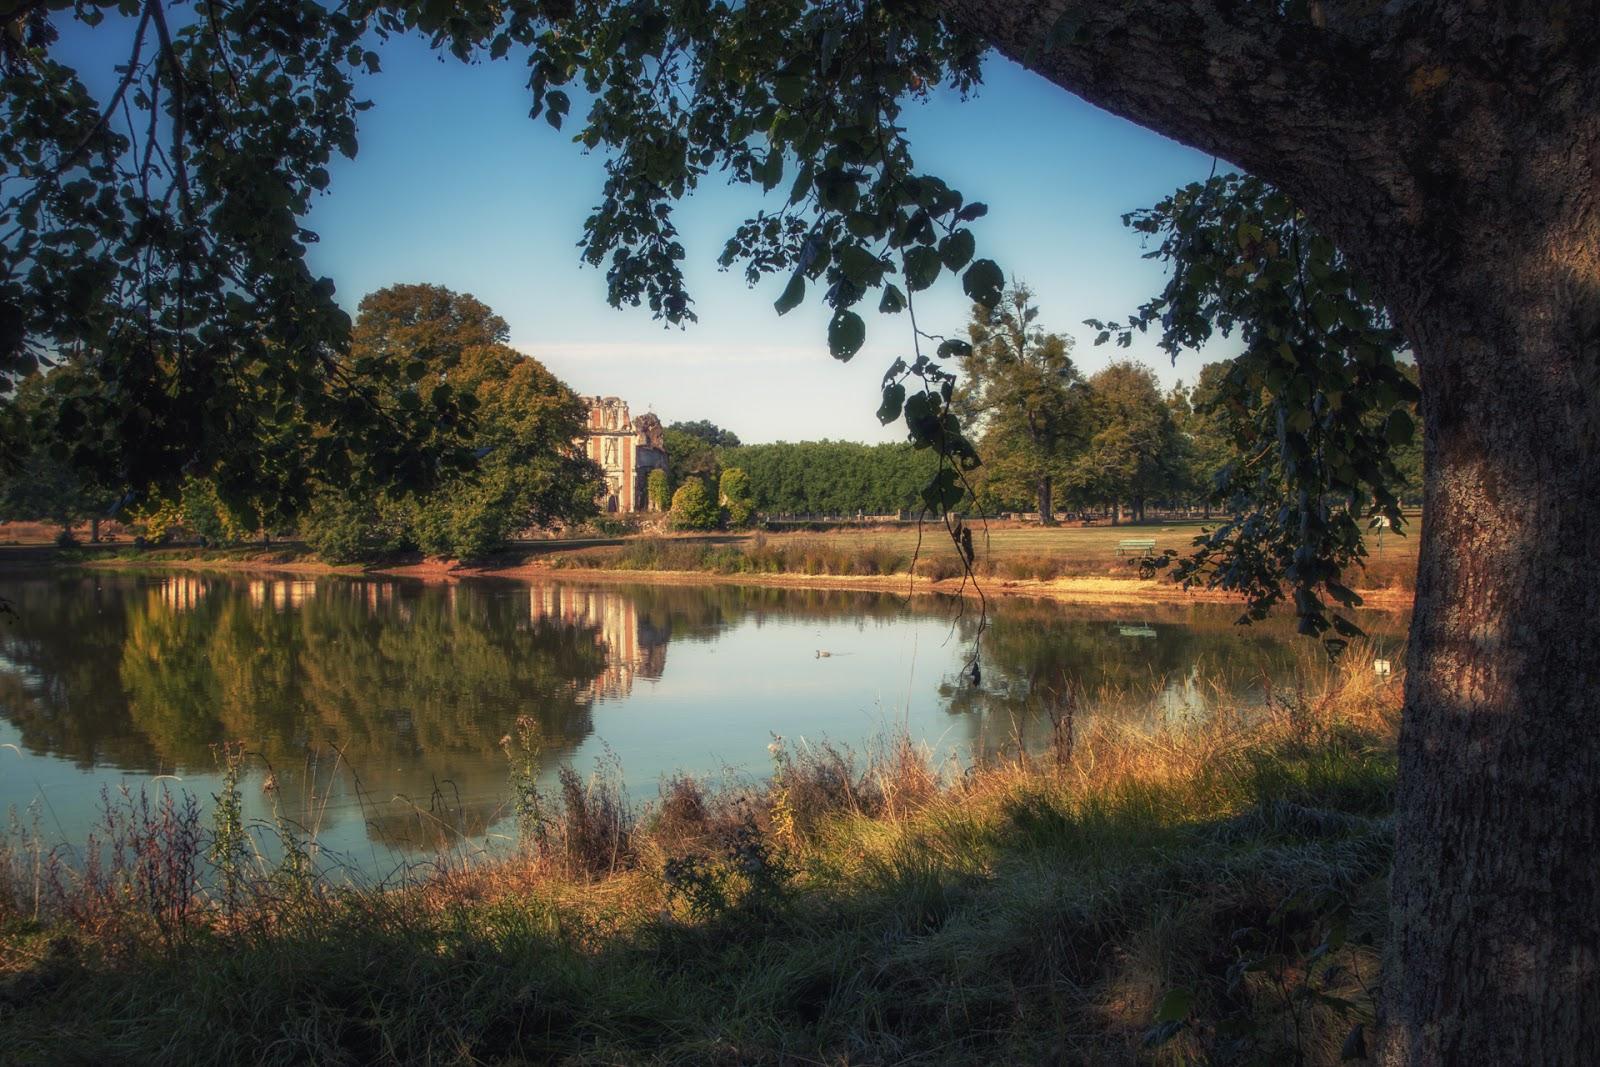 parc du chateau ferte vidame